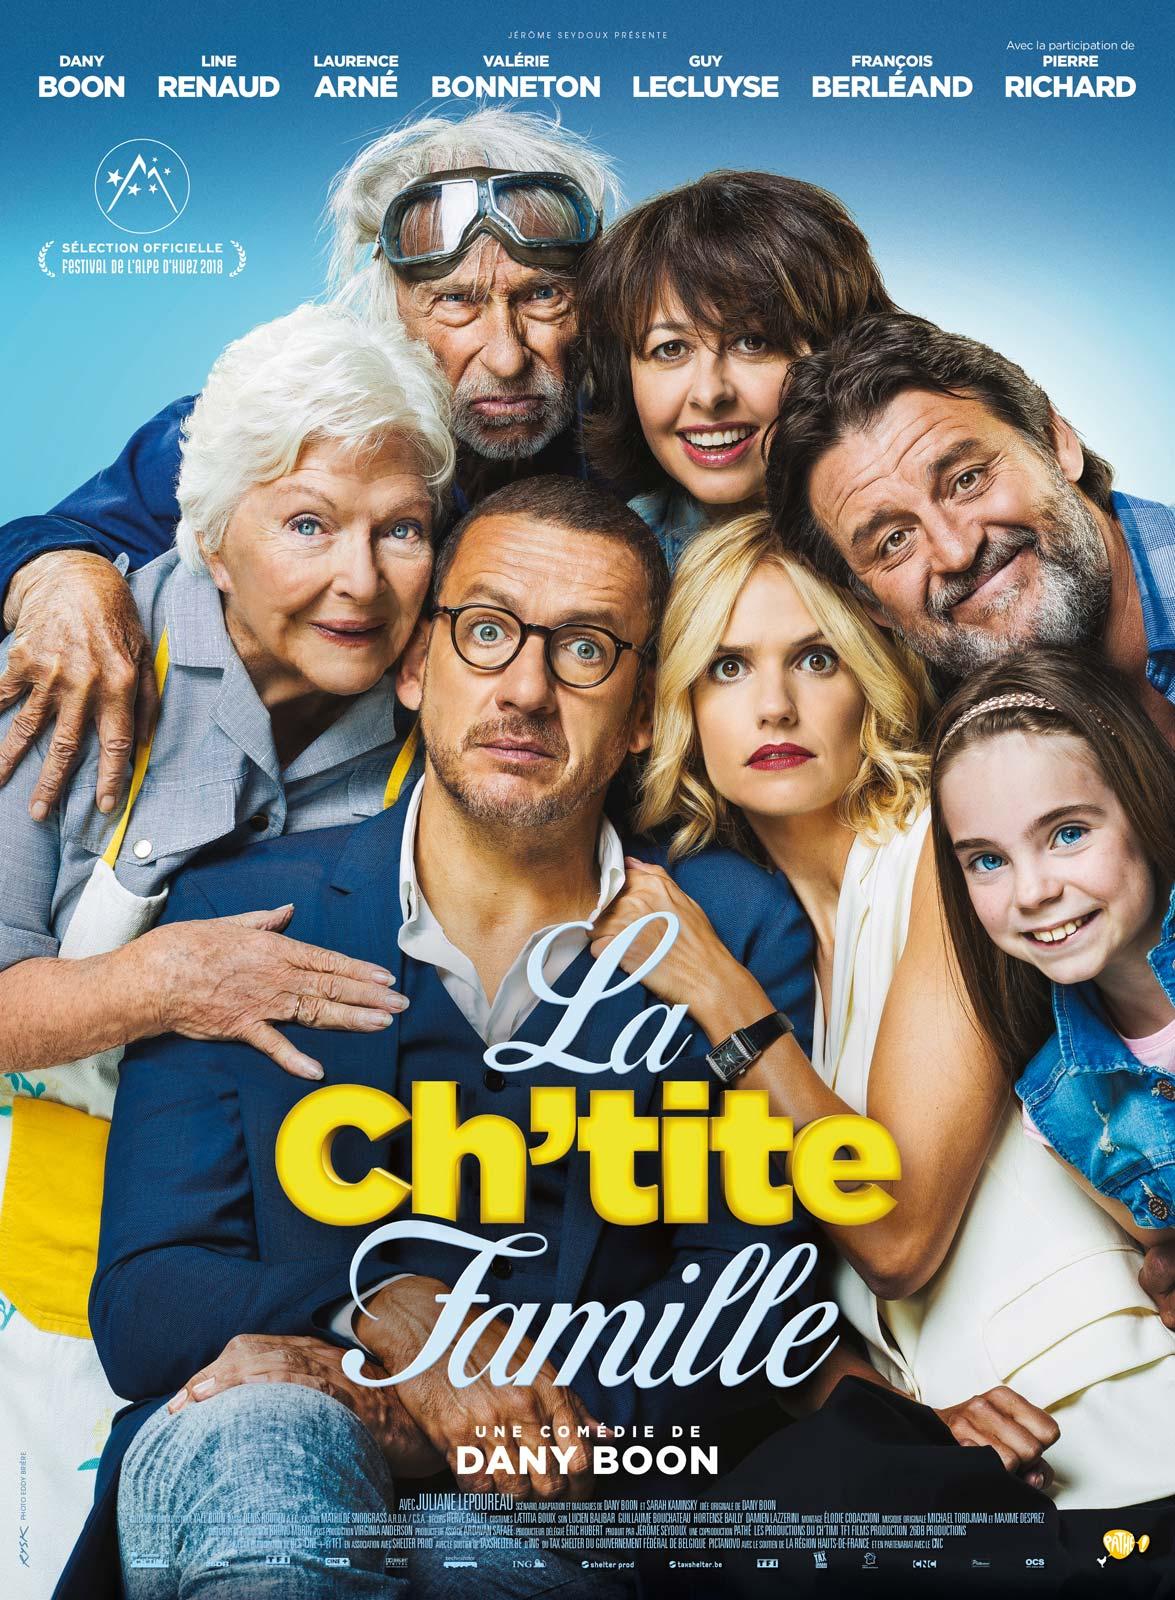 AfficheLa Ch'tite famille